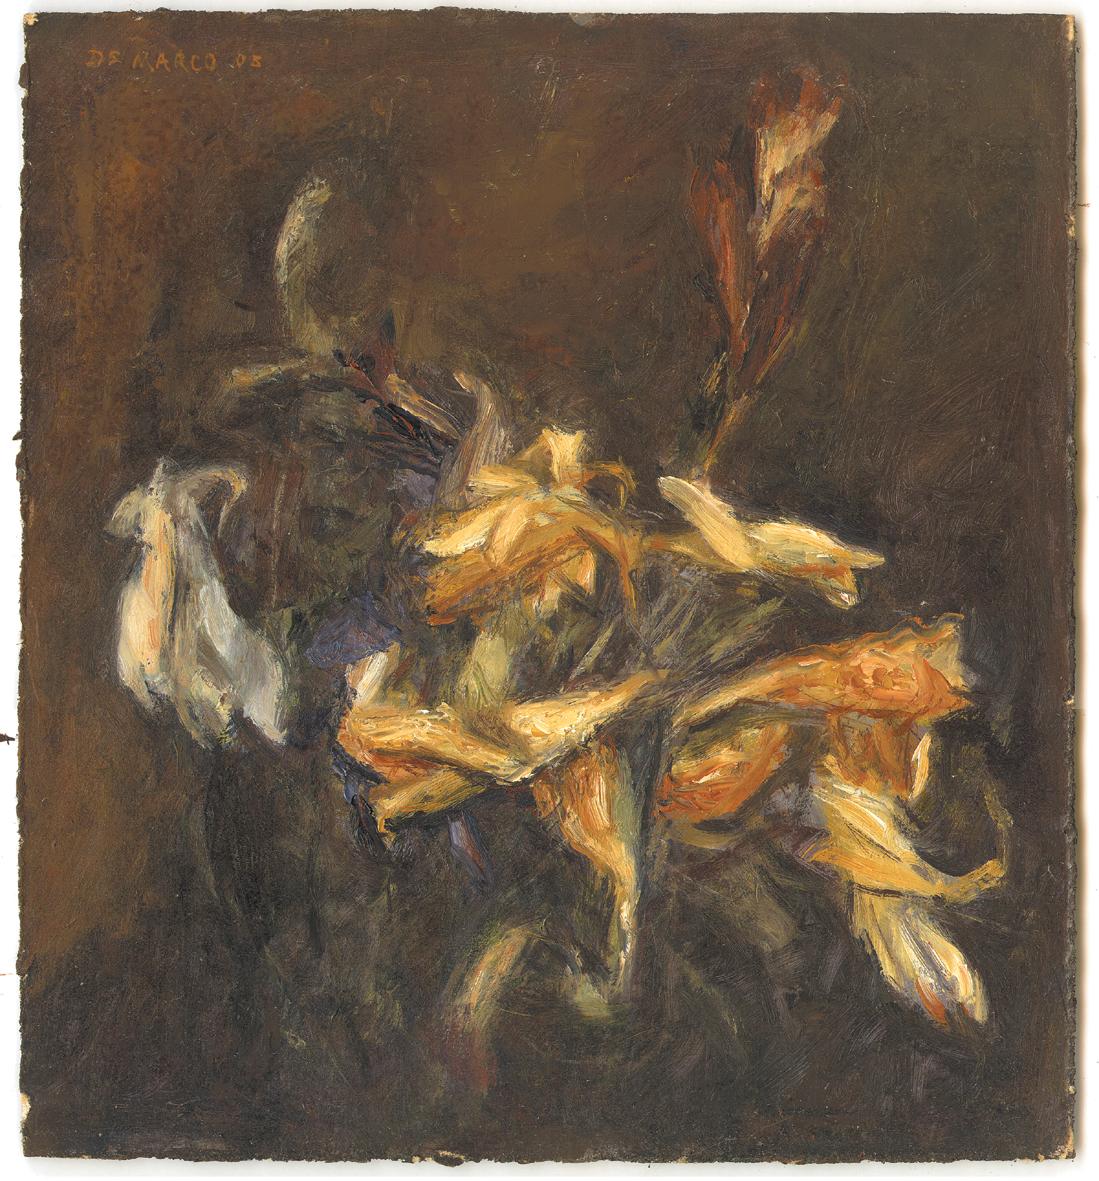 José De Marco / Pintura / Siempre en Flor   JOSE DE MARCO